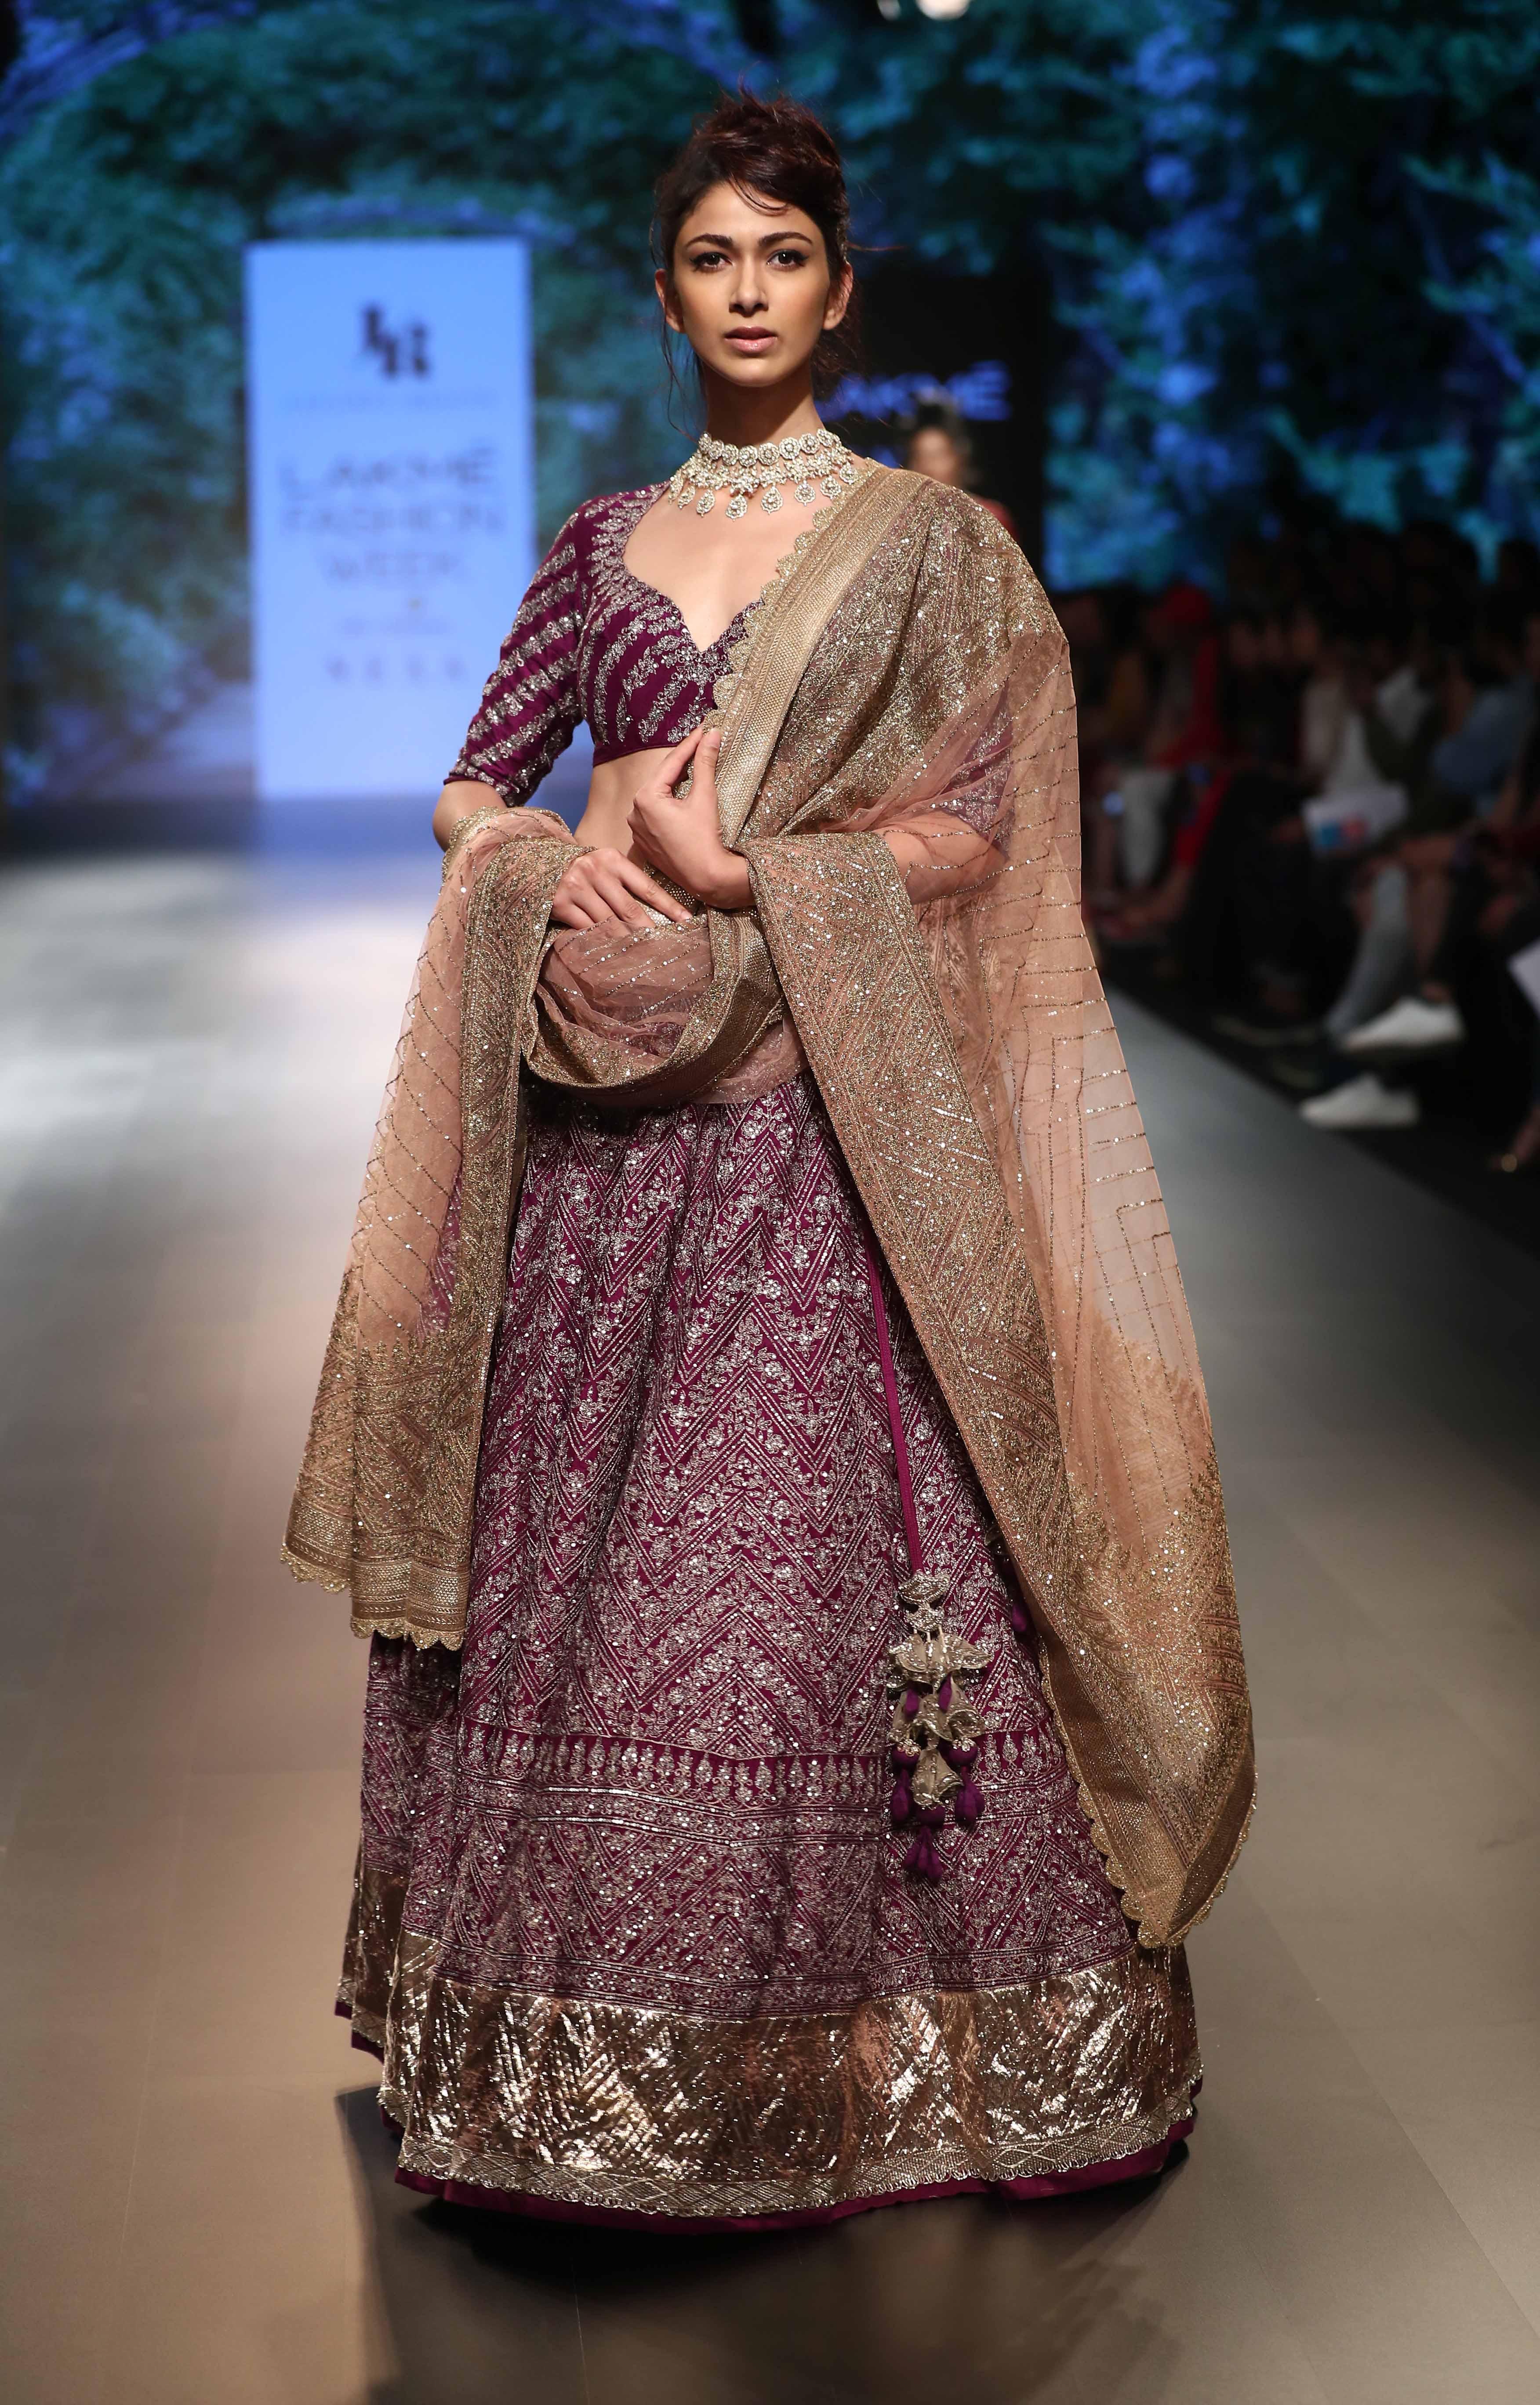 Model walks for Jayanti Reddy at Lakme Fashion Week Winter Festive 2018